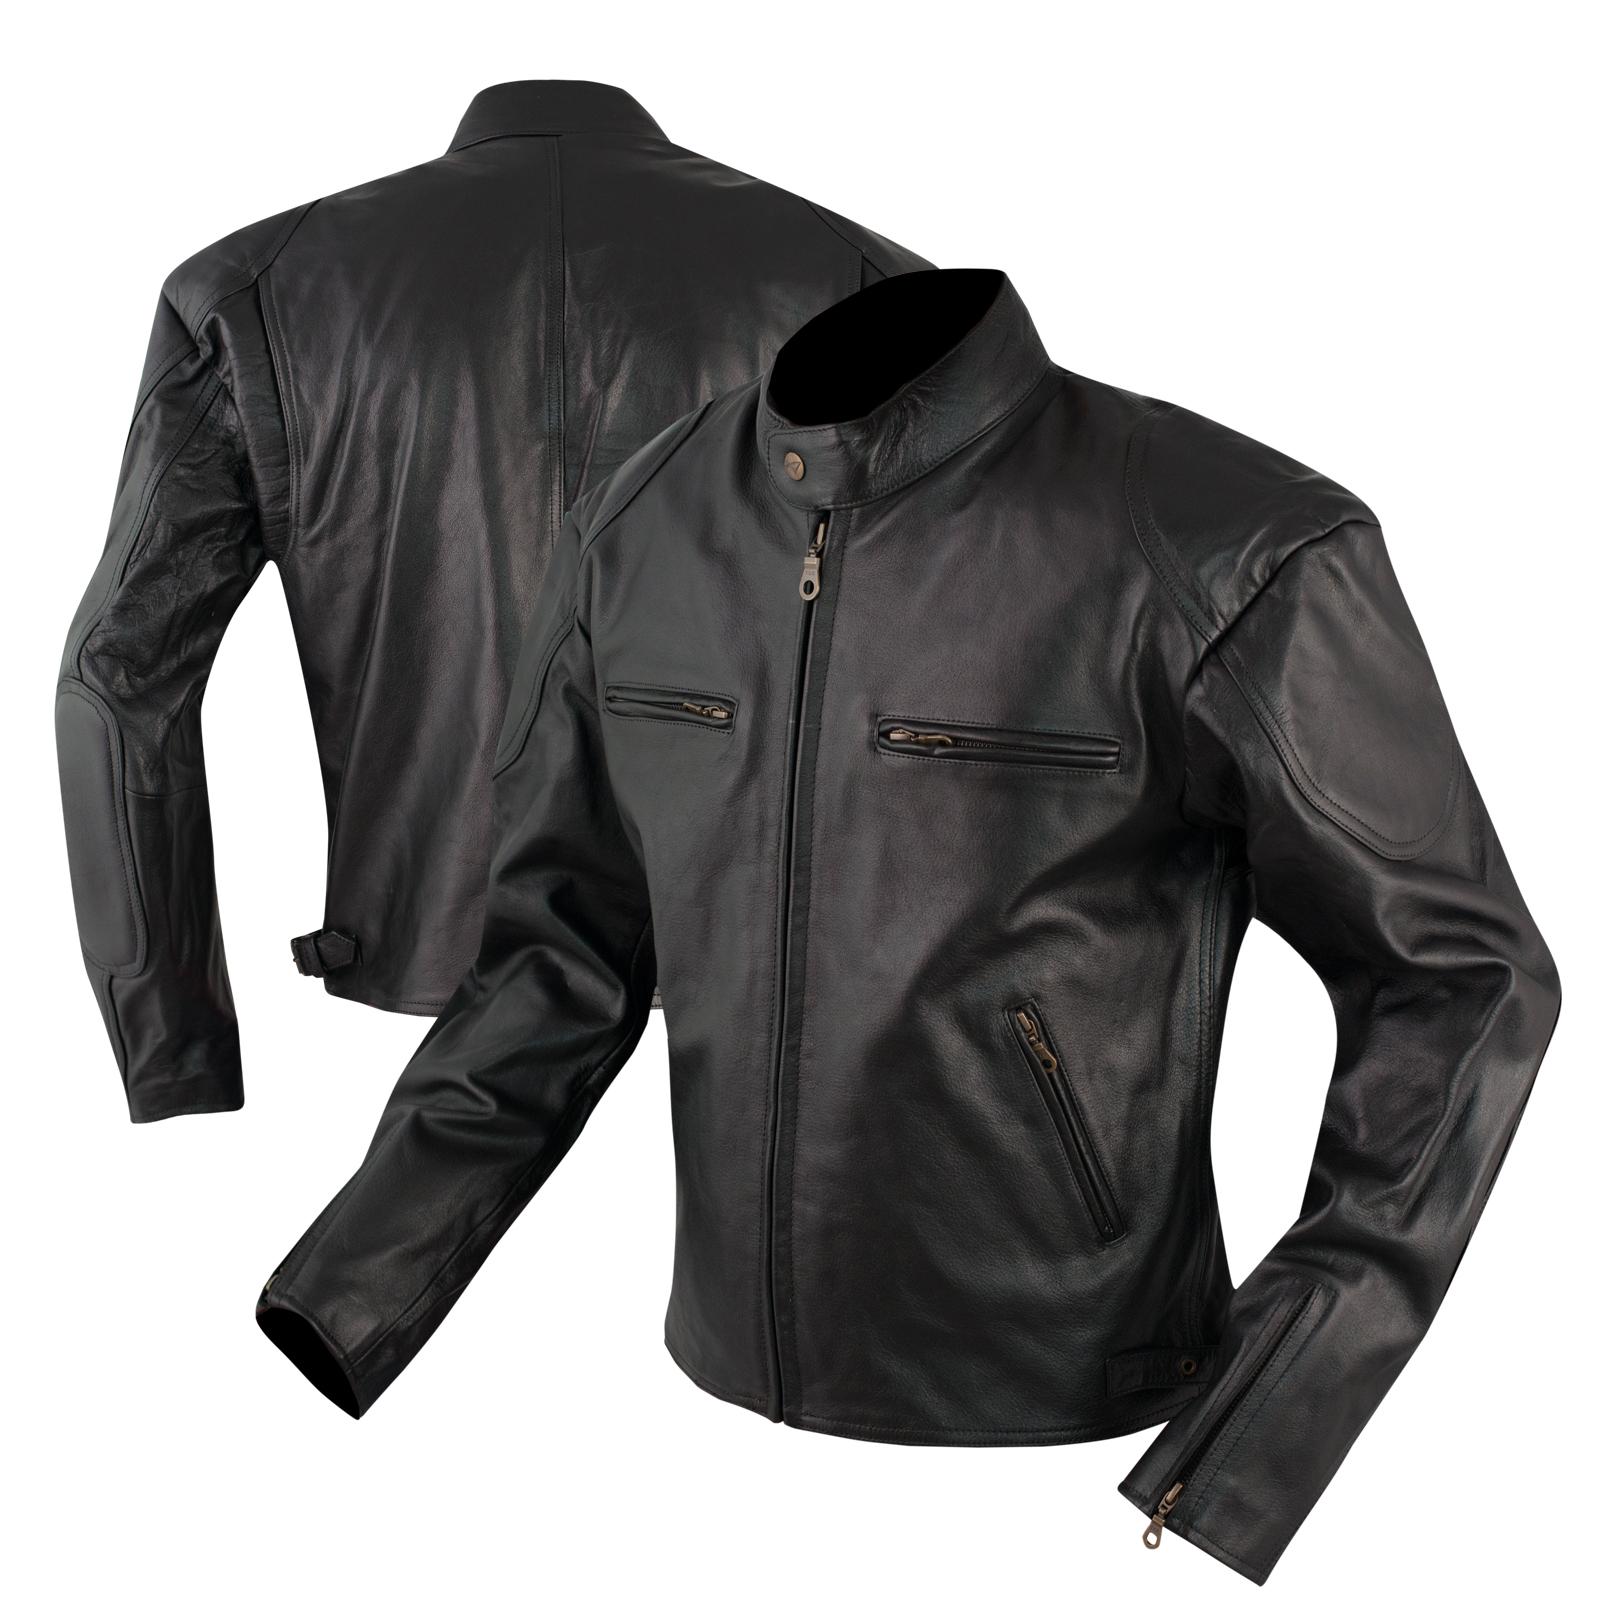 Quality-Leather-Motorbike-Motorcycle-Touring-Custom-Jacket-Cruising